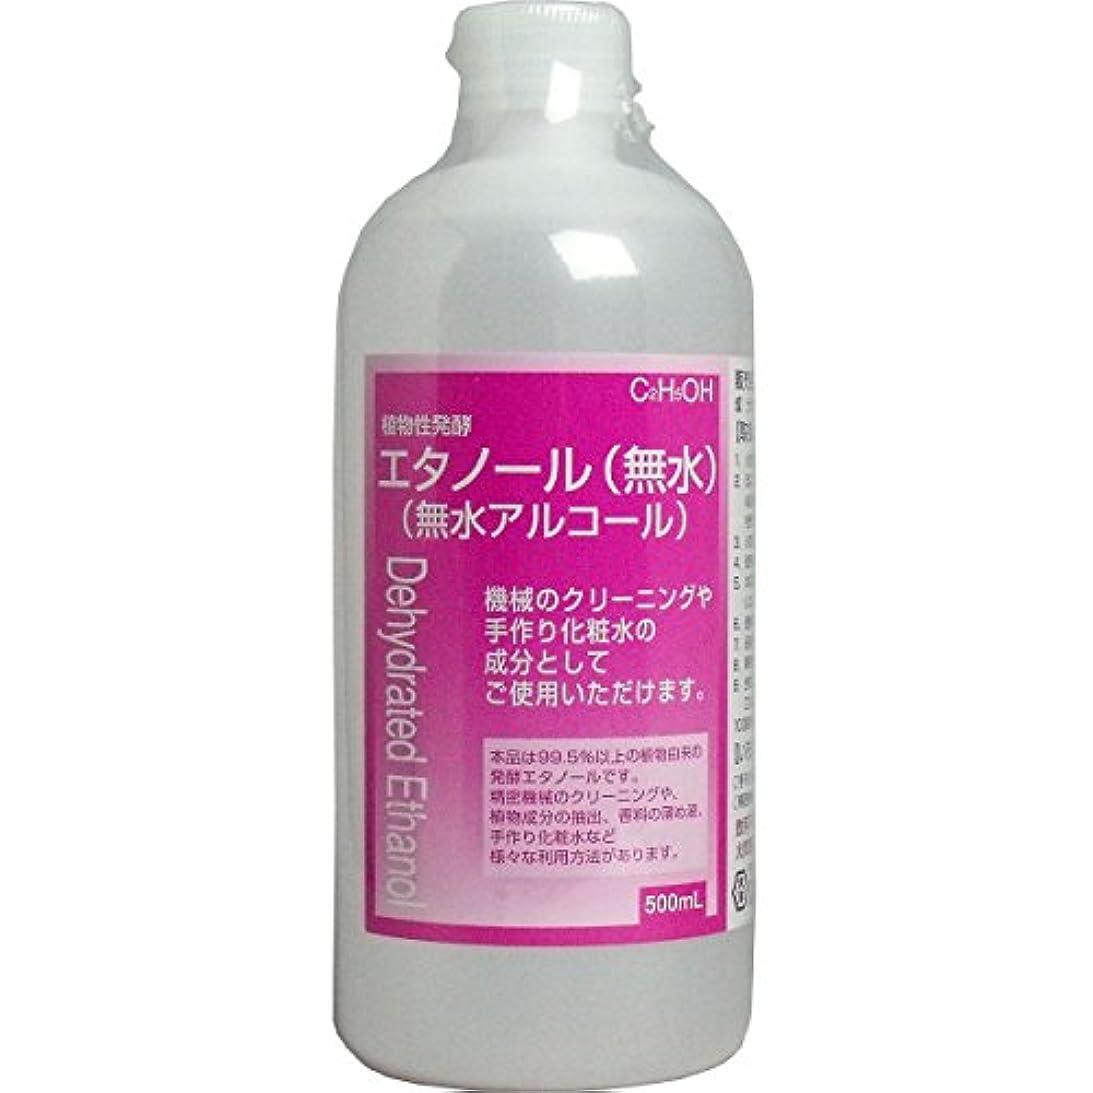 縮れた実り多い遮る手作り化粧水に 植物性発酵エタノール(無水エタノール) 500mL